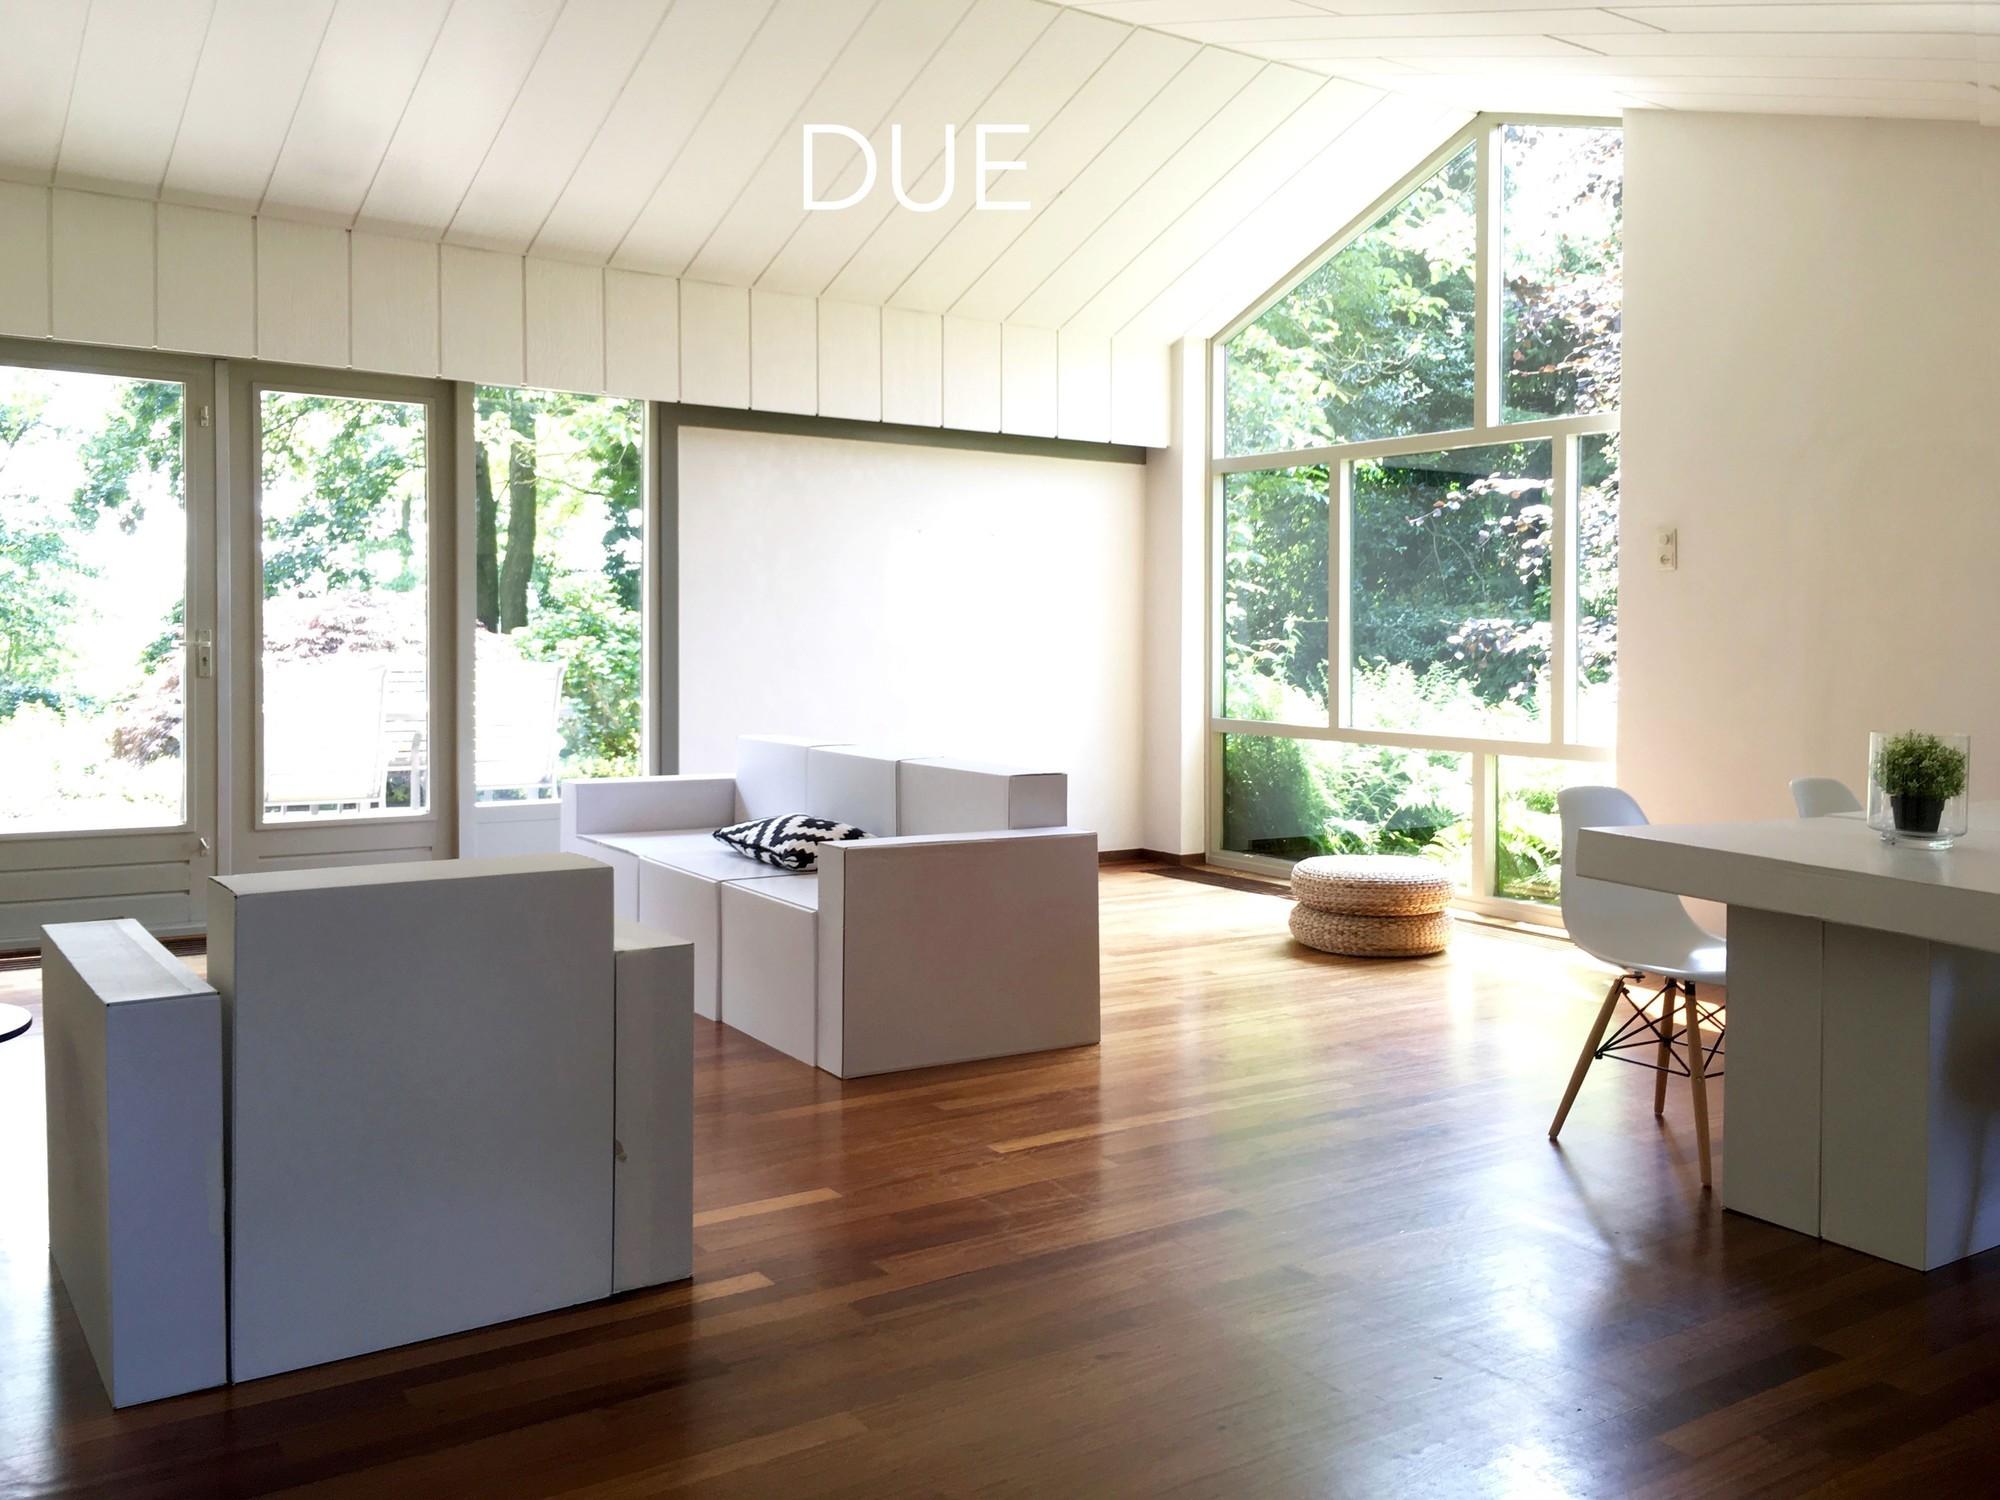 Durante: Home Staging con mobili in cartone CUBIQZ